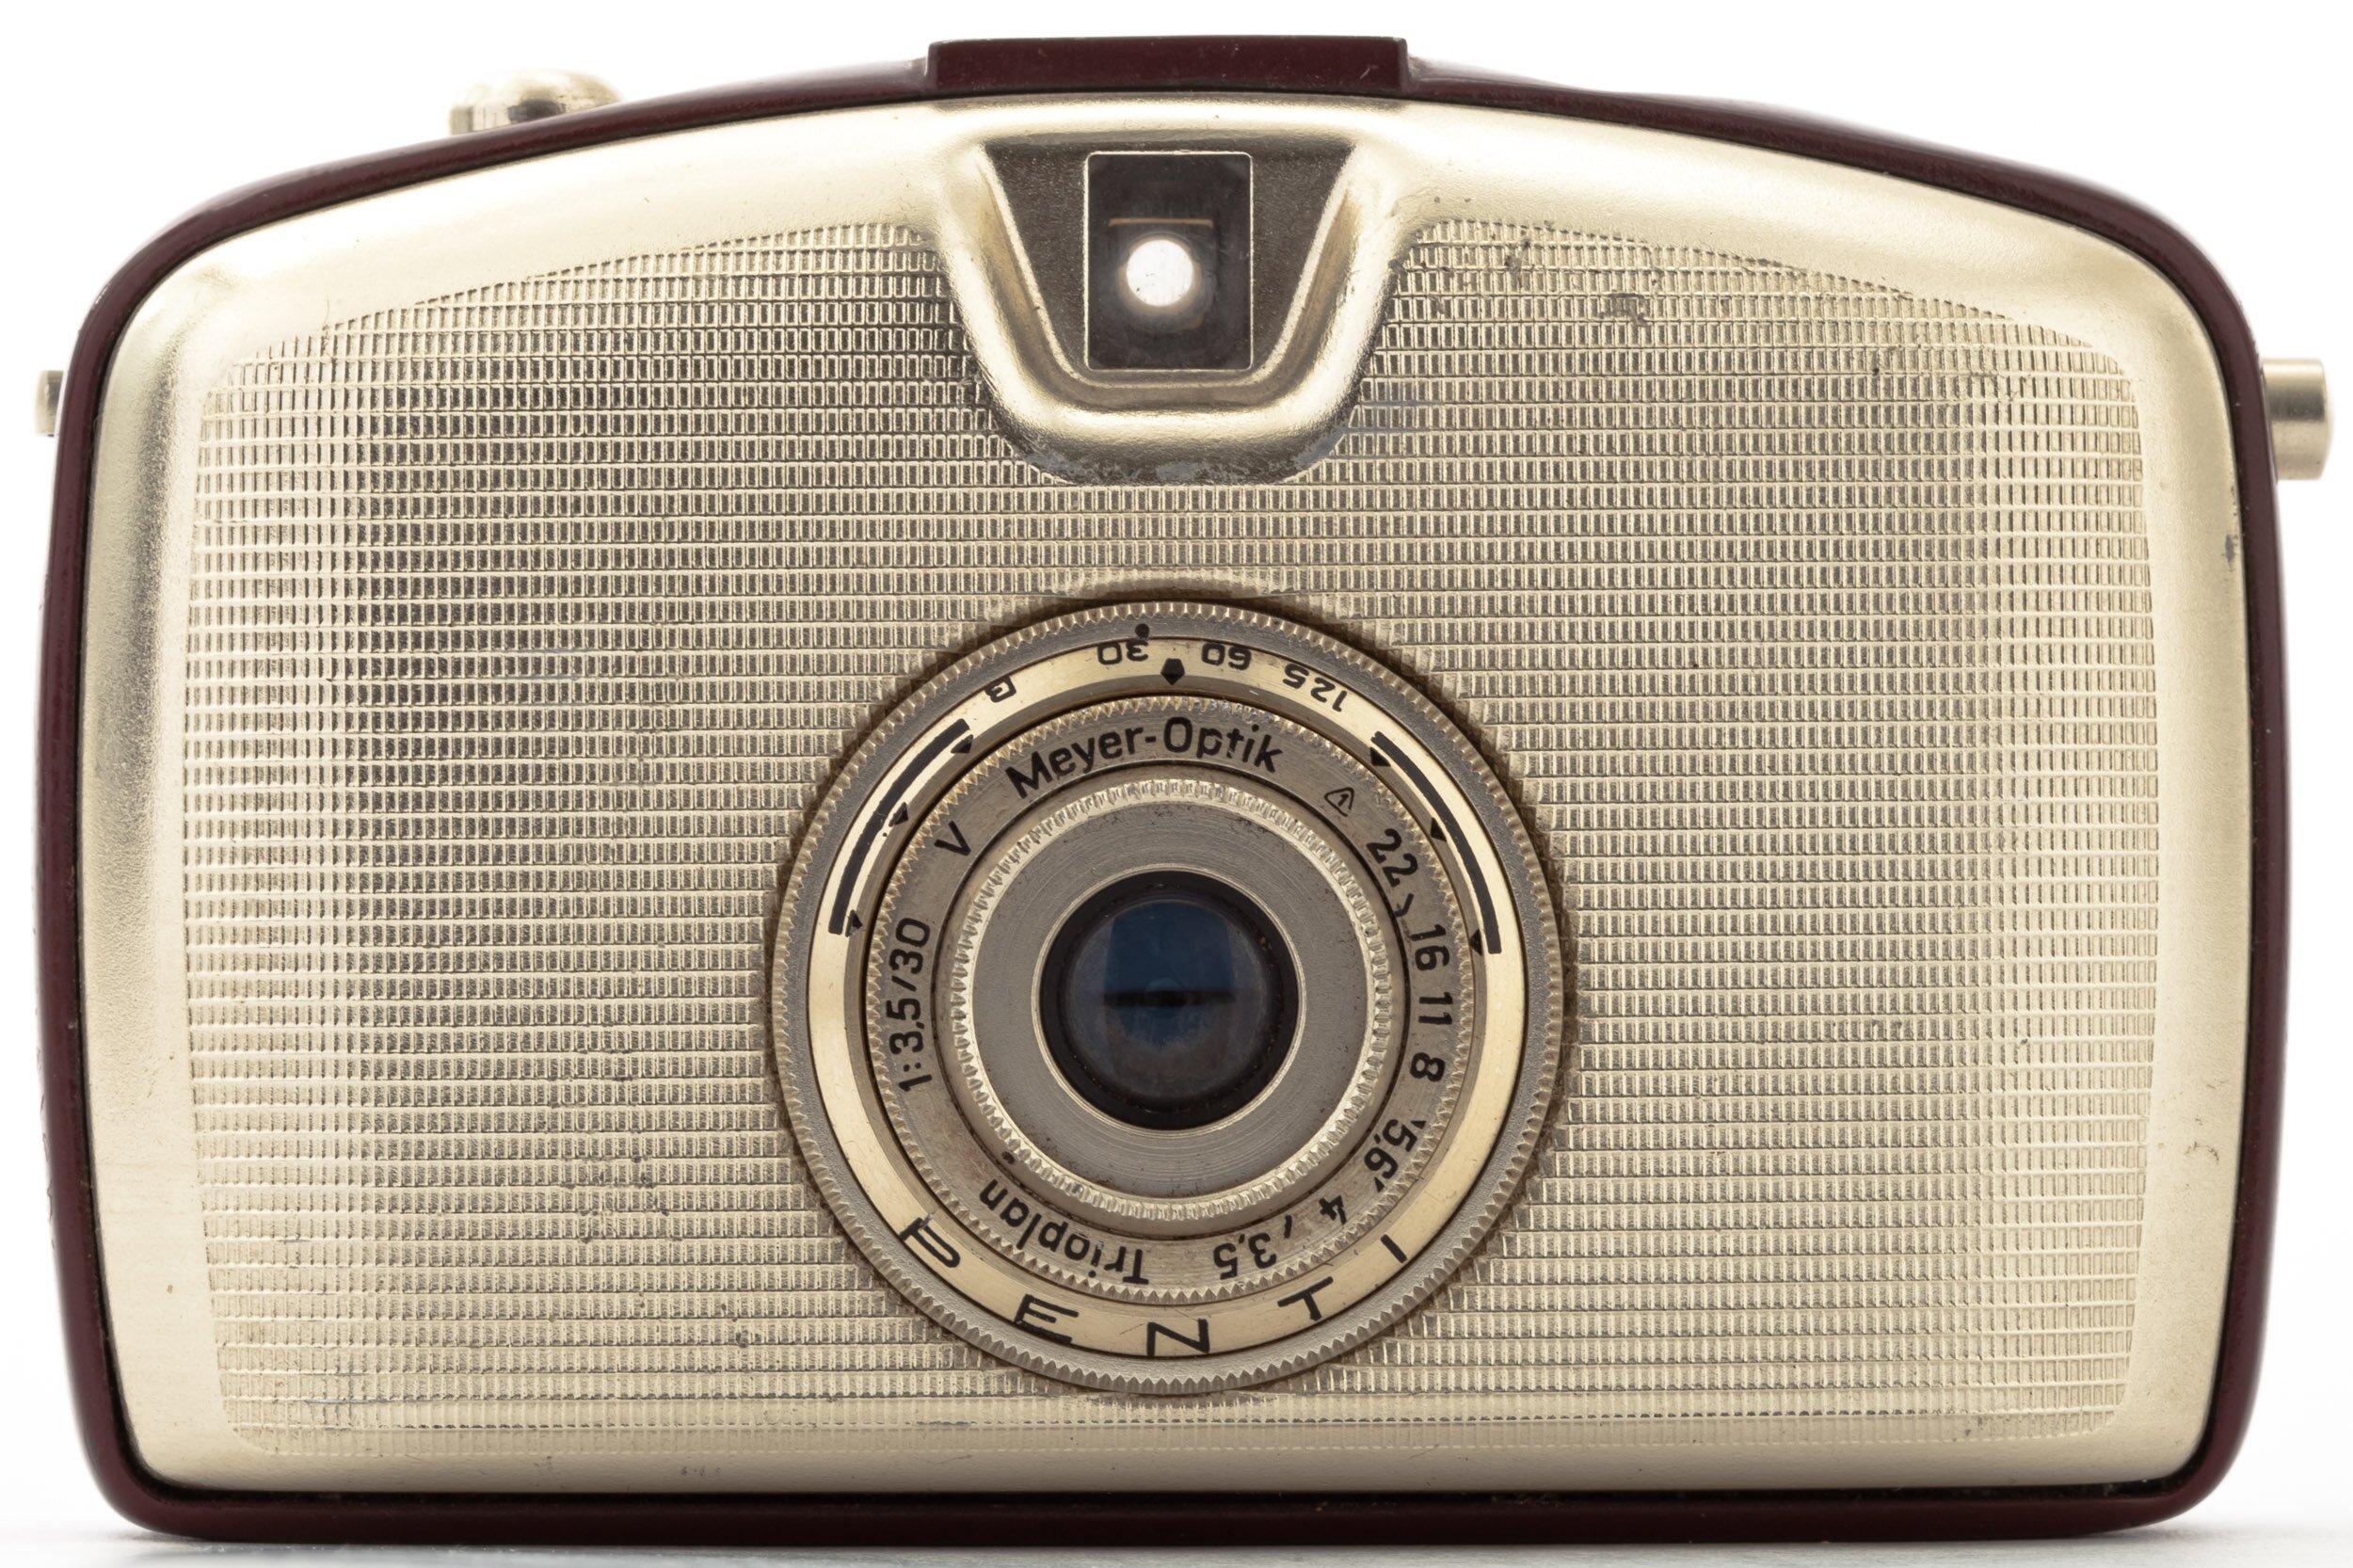 Pentacon Penti welta rot mit 30mm 3,5 Meyer-Optik V Trioplan